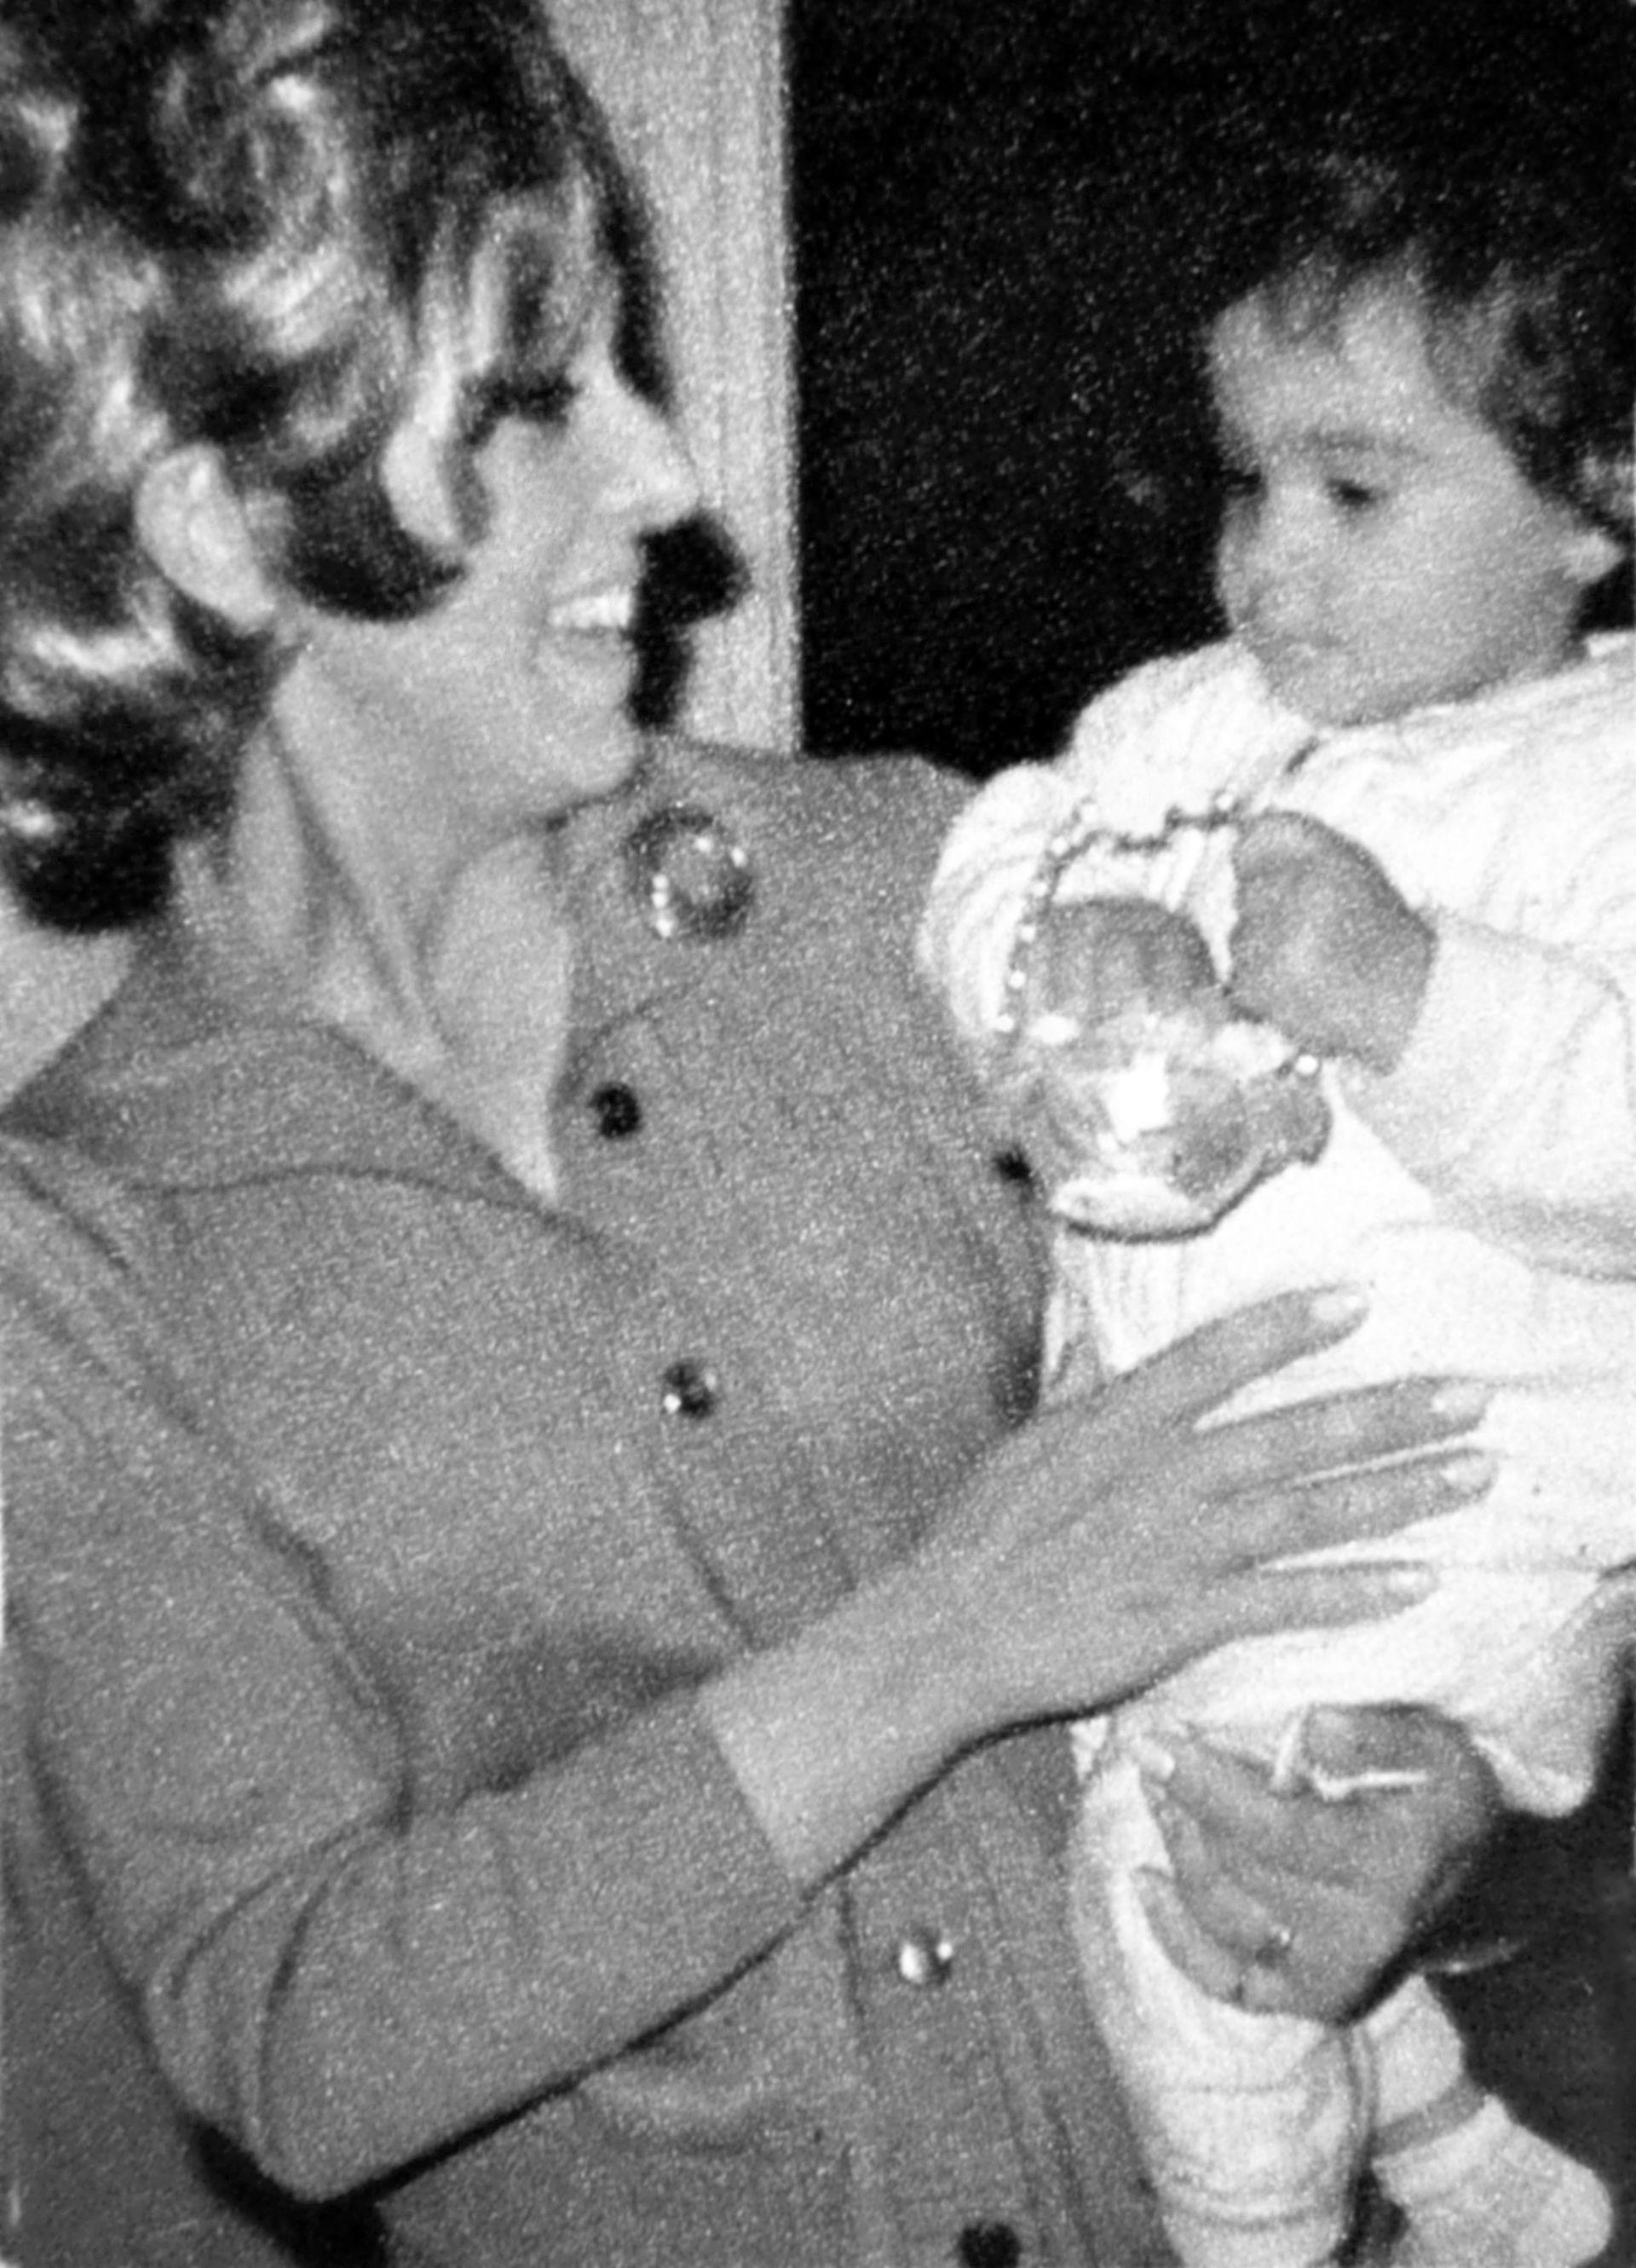 1) Gaby, en diciembre de 1970, con apenas ocho meses, en brazos de su mamá, Beatriz Garófalo.